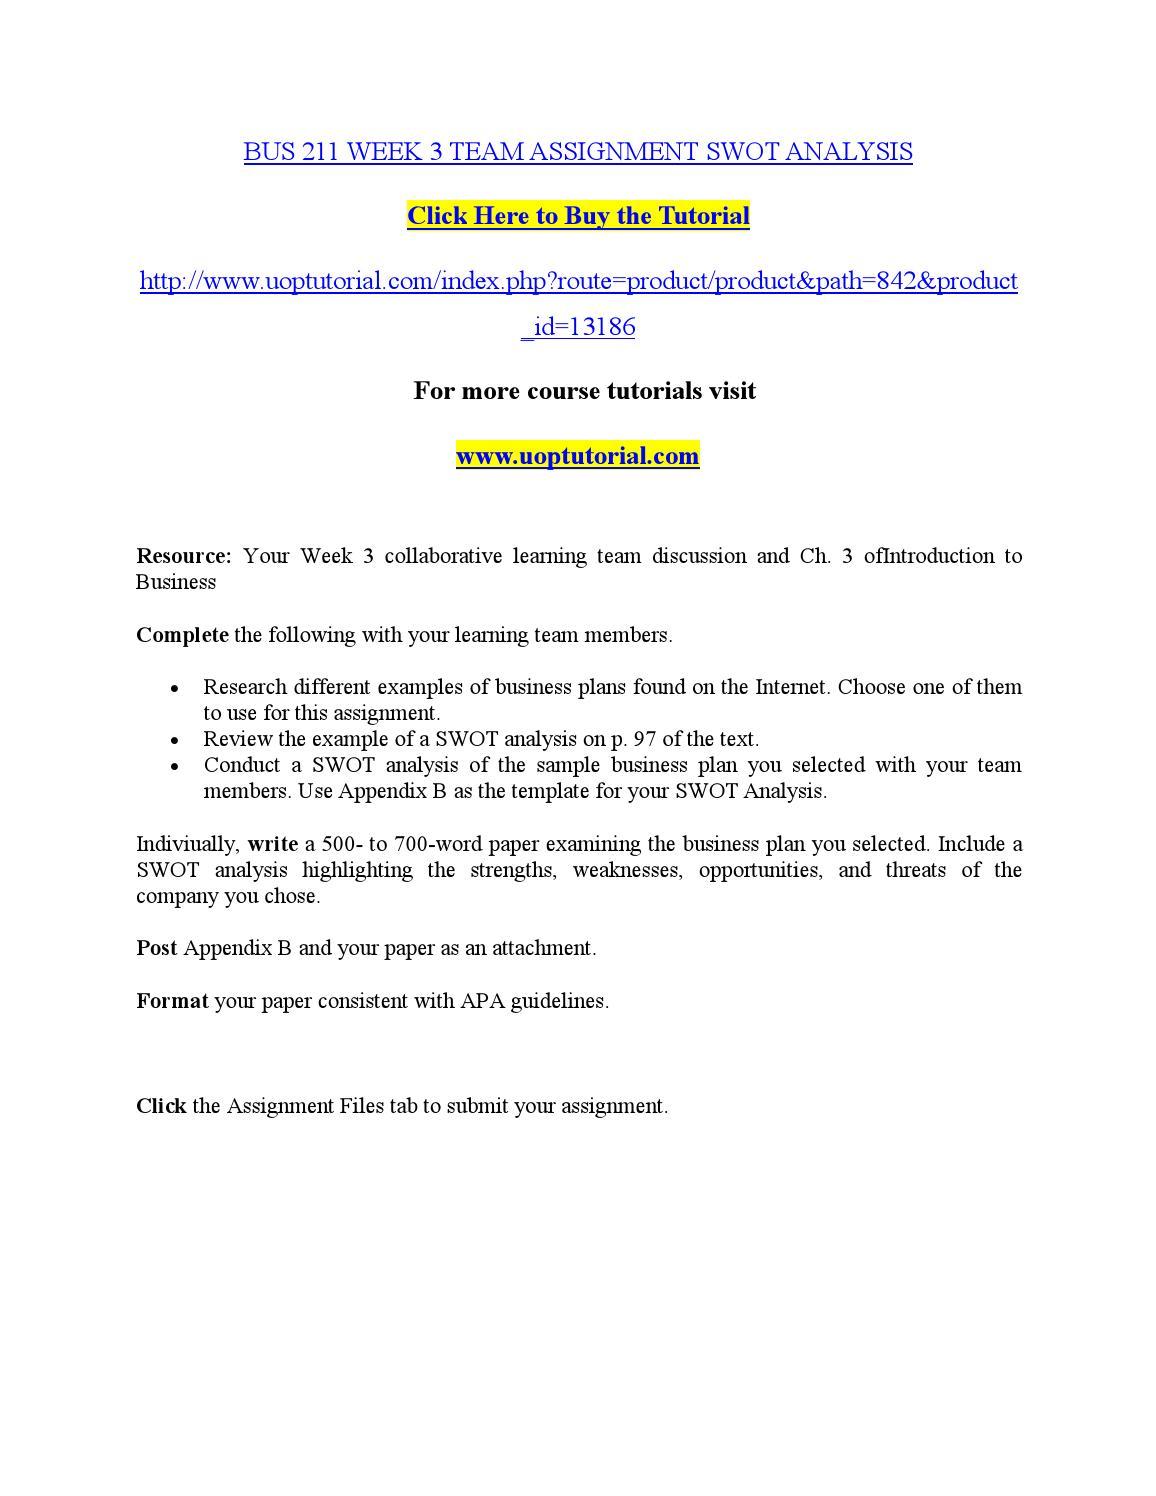 SAINT LEO MKT301 MODULE 3 ASSIGNMENT Marketing Plan: SWOT Analysis